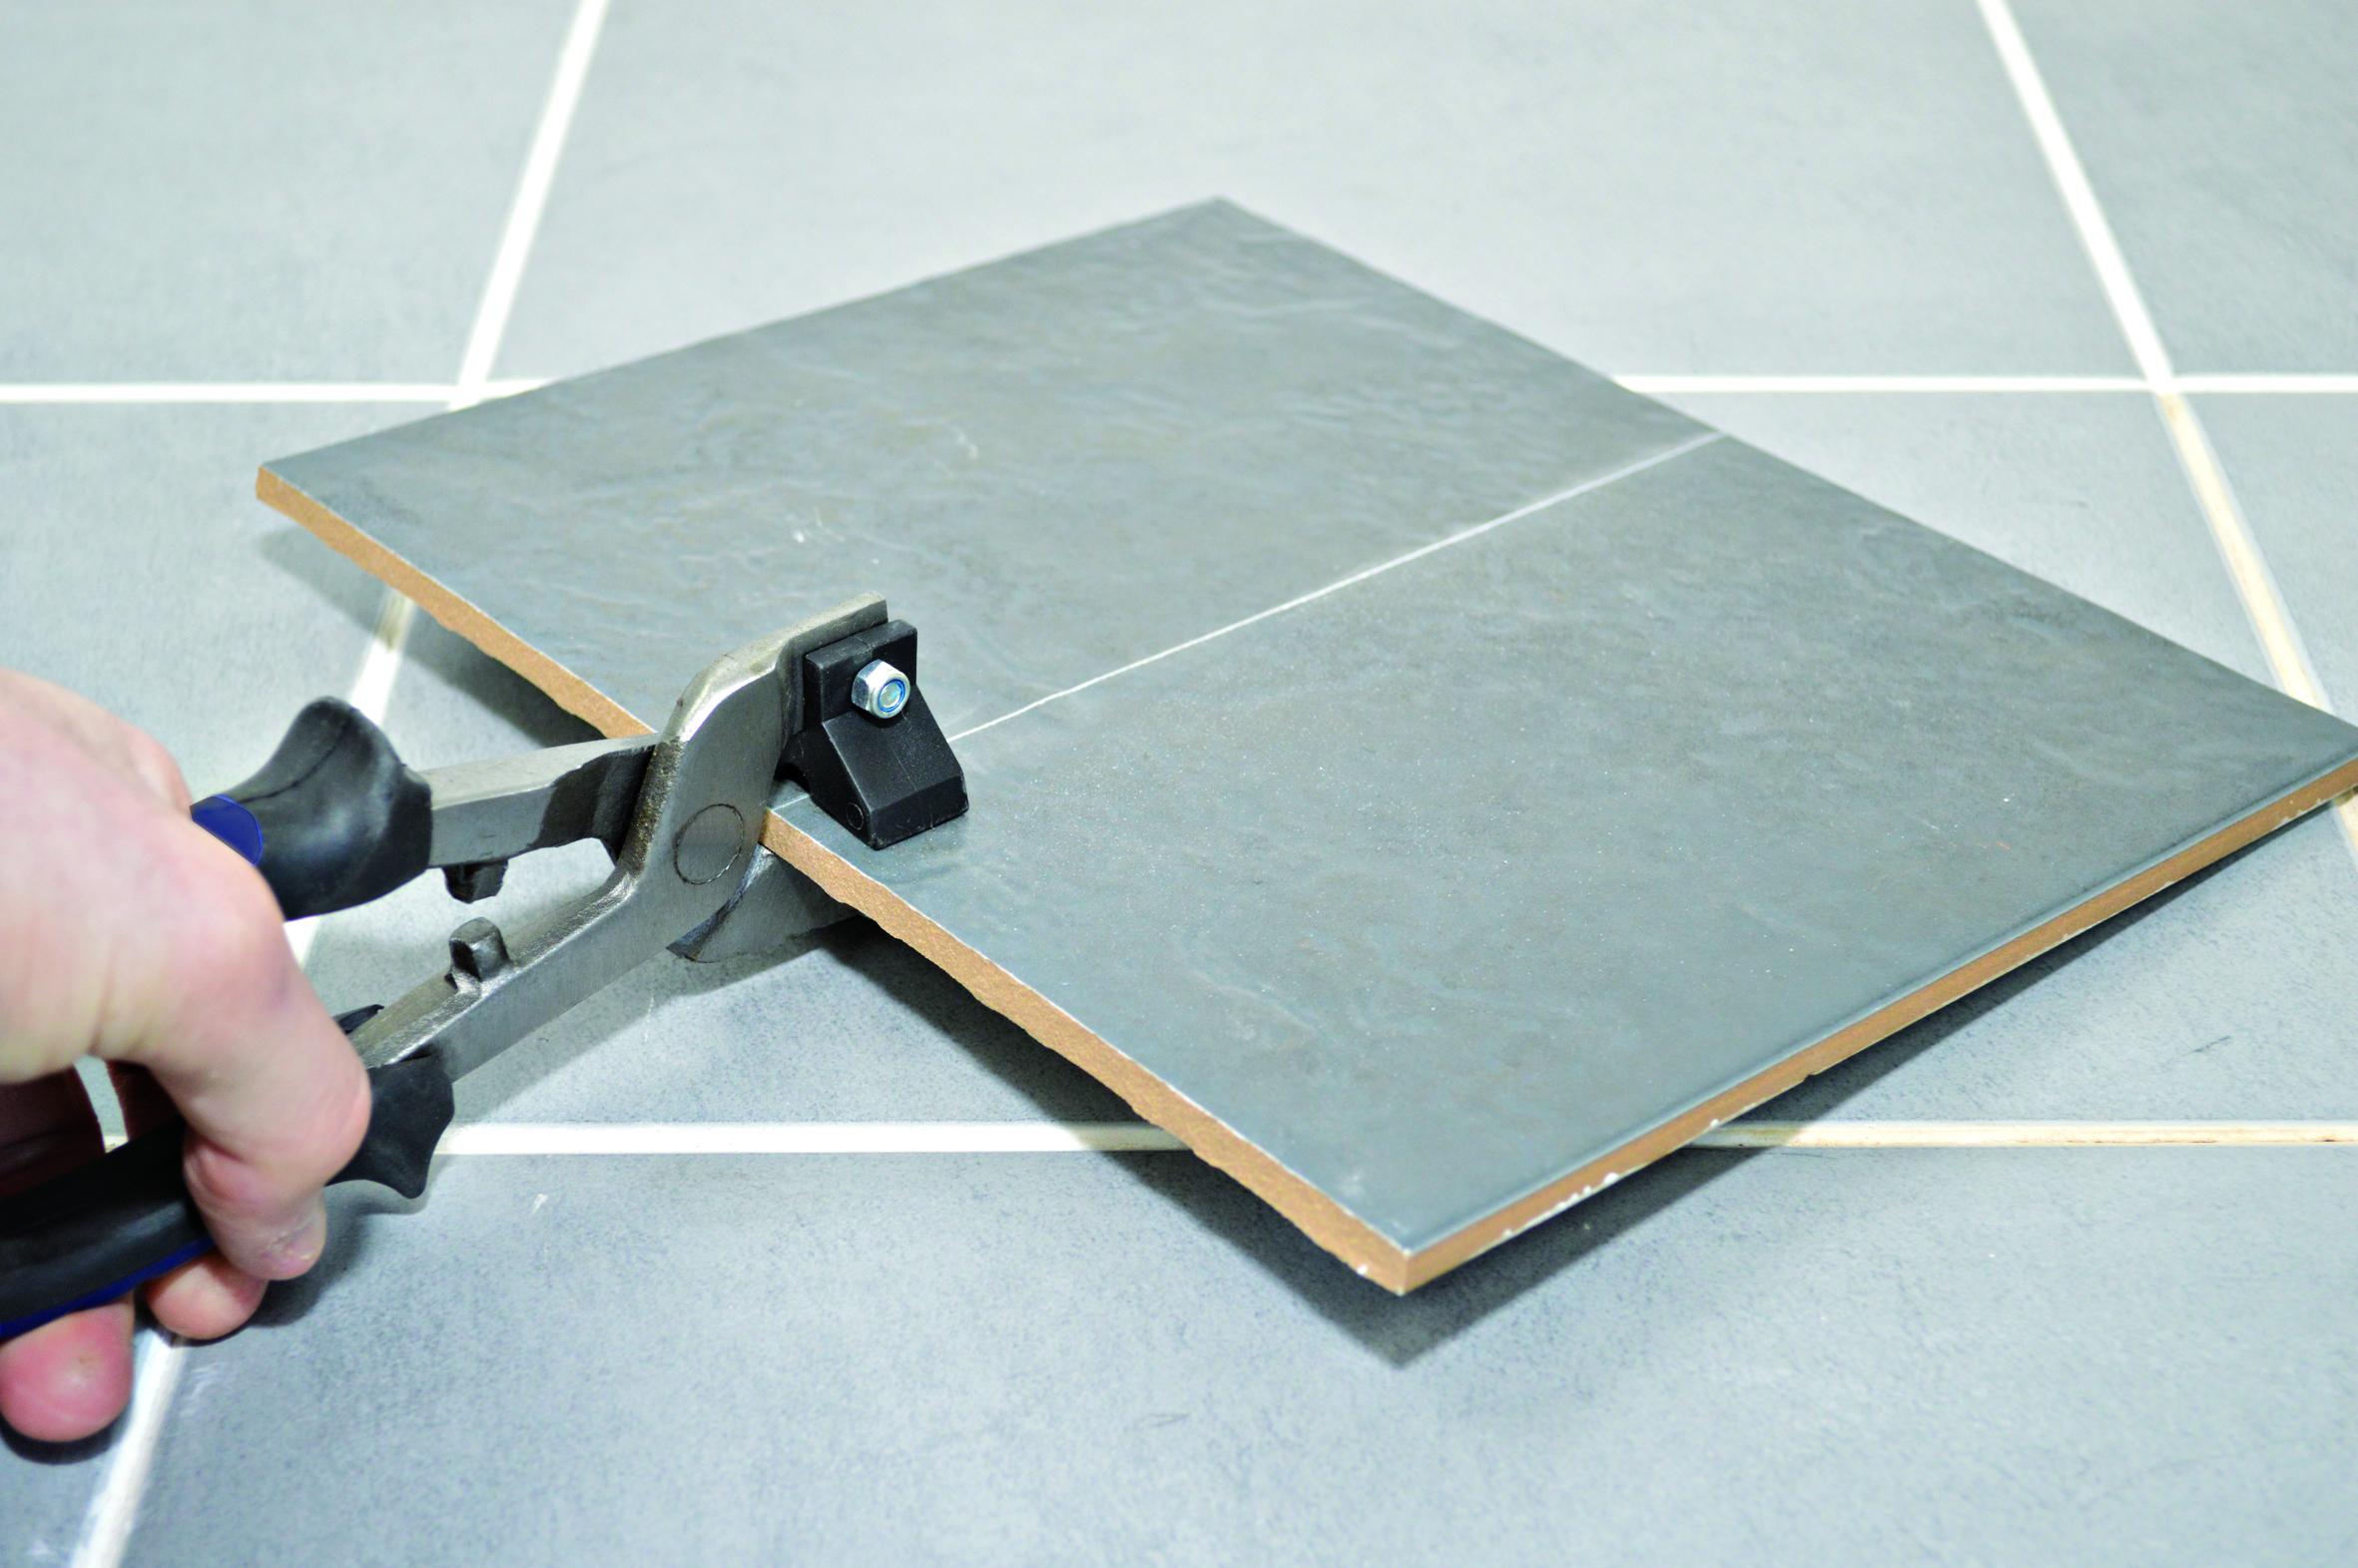 Pro Series Heavy Duty Tile Cutter